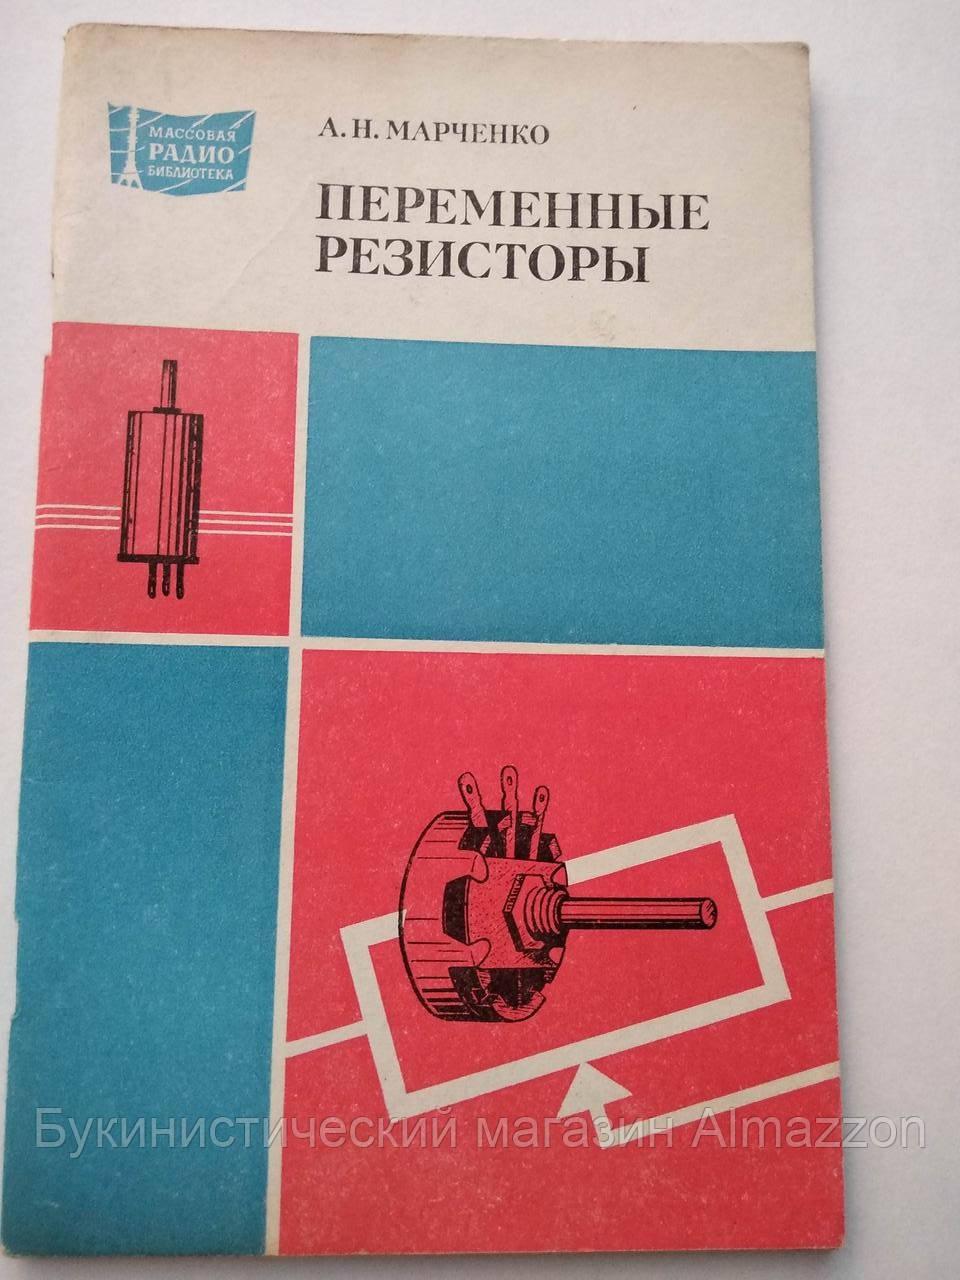 Переменные резисторы А.Н.Марченко